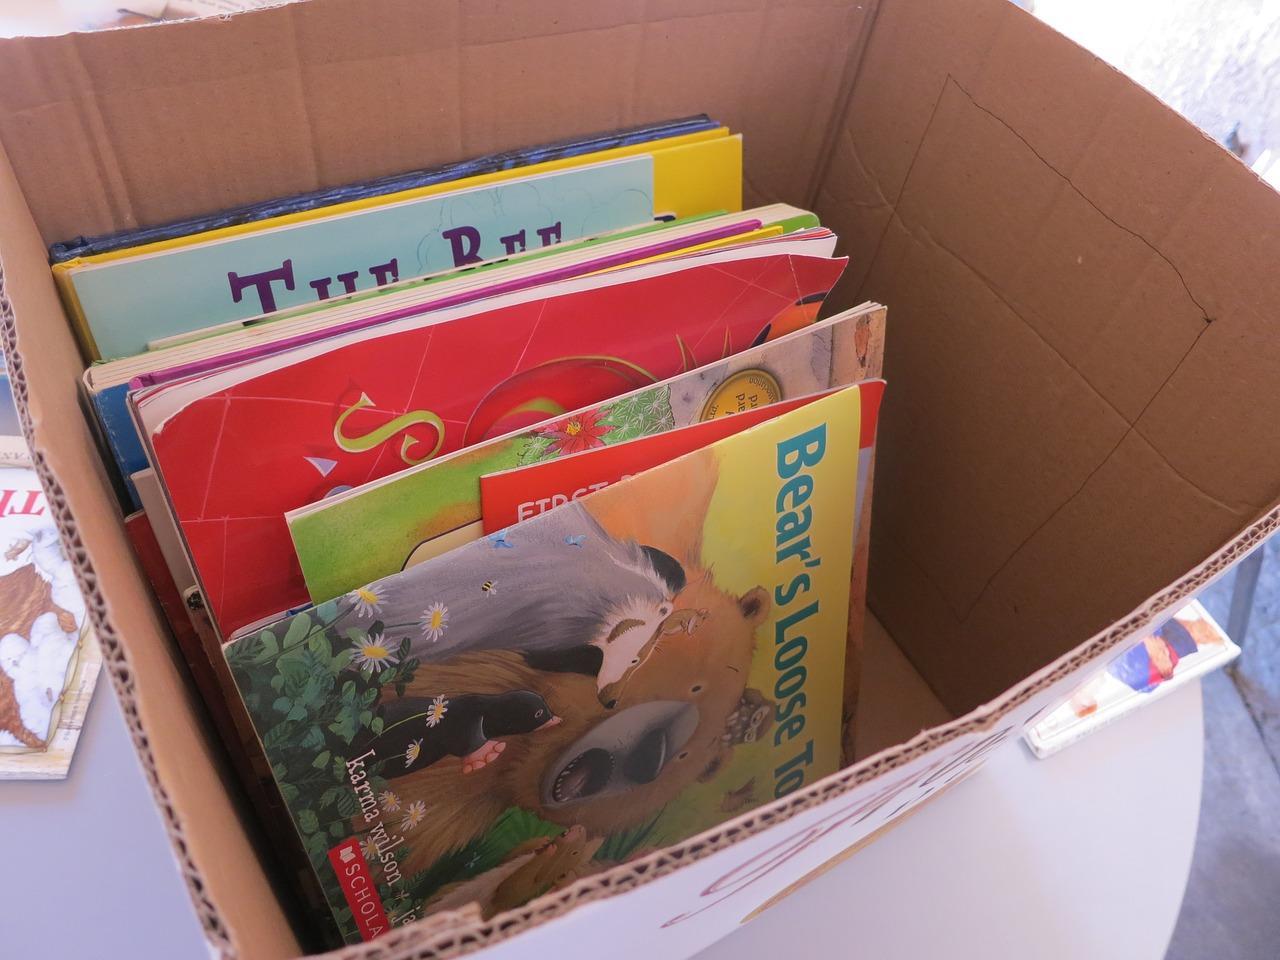 books-2653897_1280-1526937168172.jpg